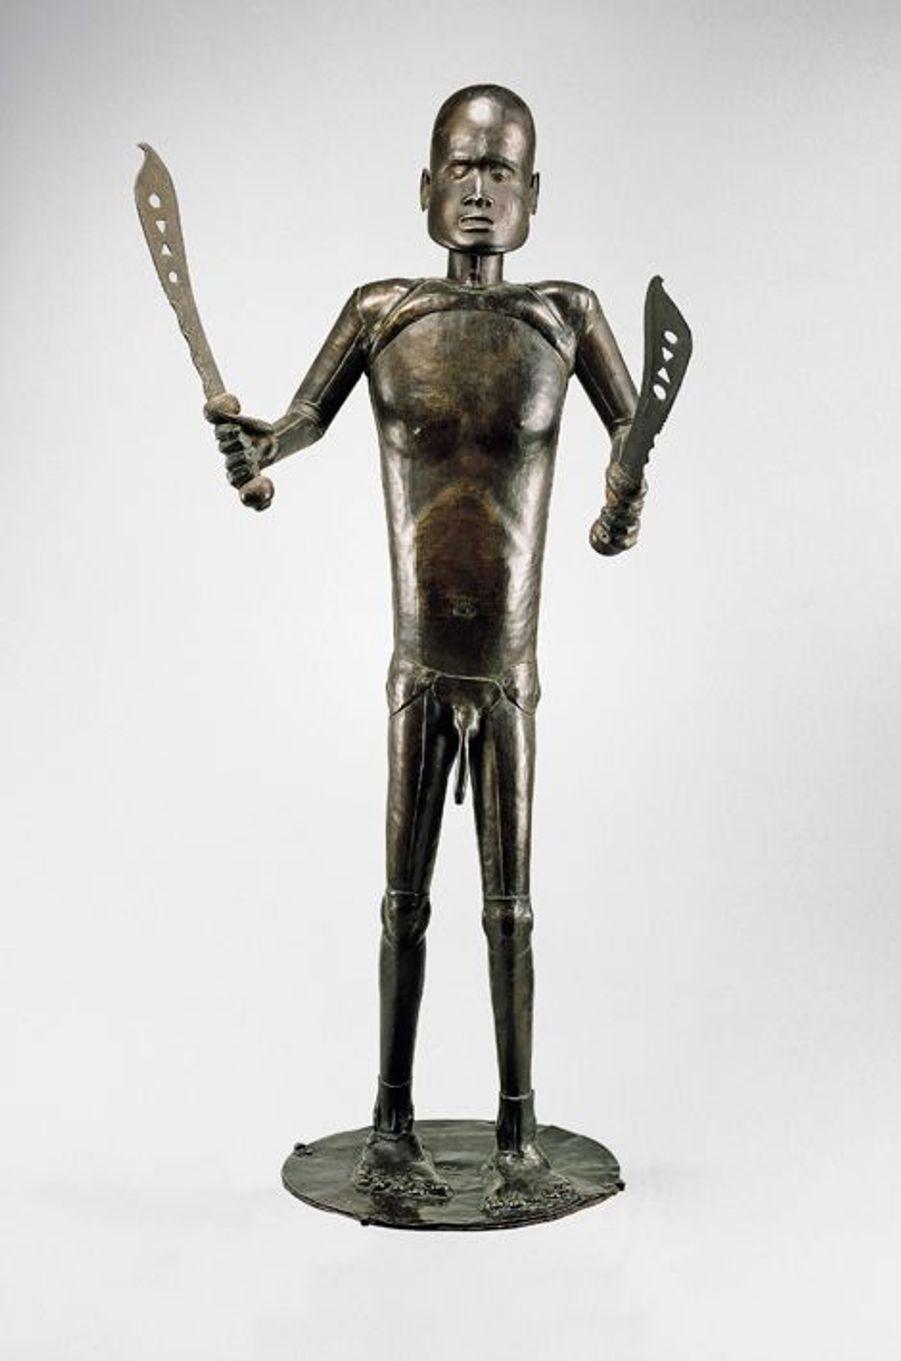 Statue représentant le roi Glèlè - fon (Royaume du Danhomé - République du Bénin)